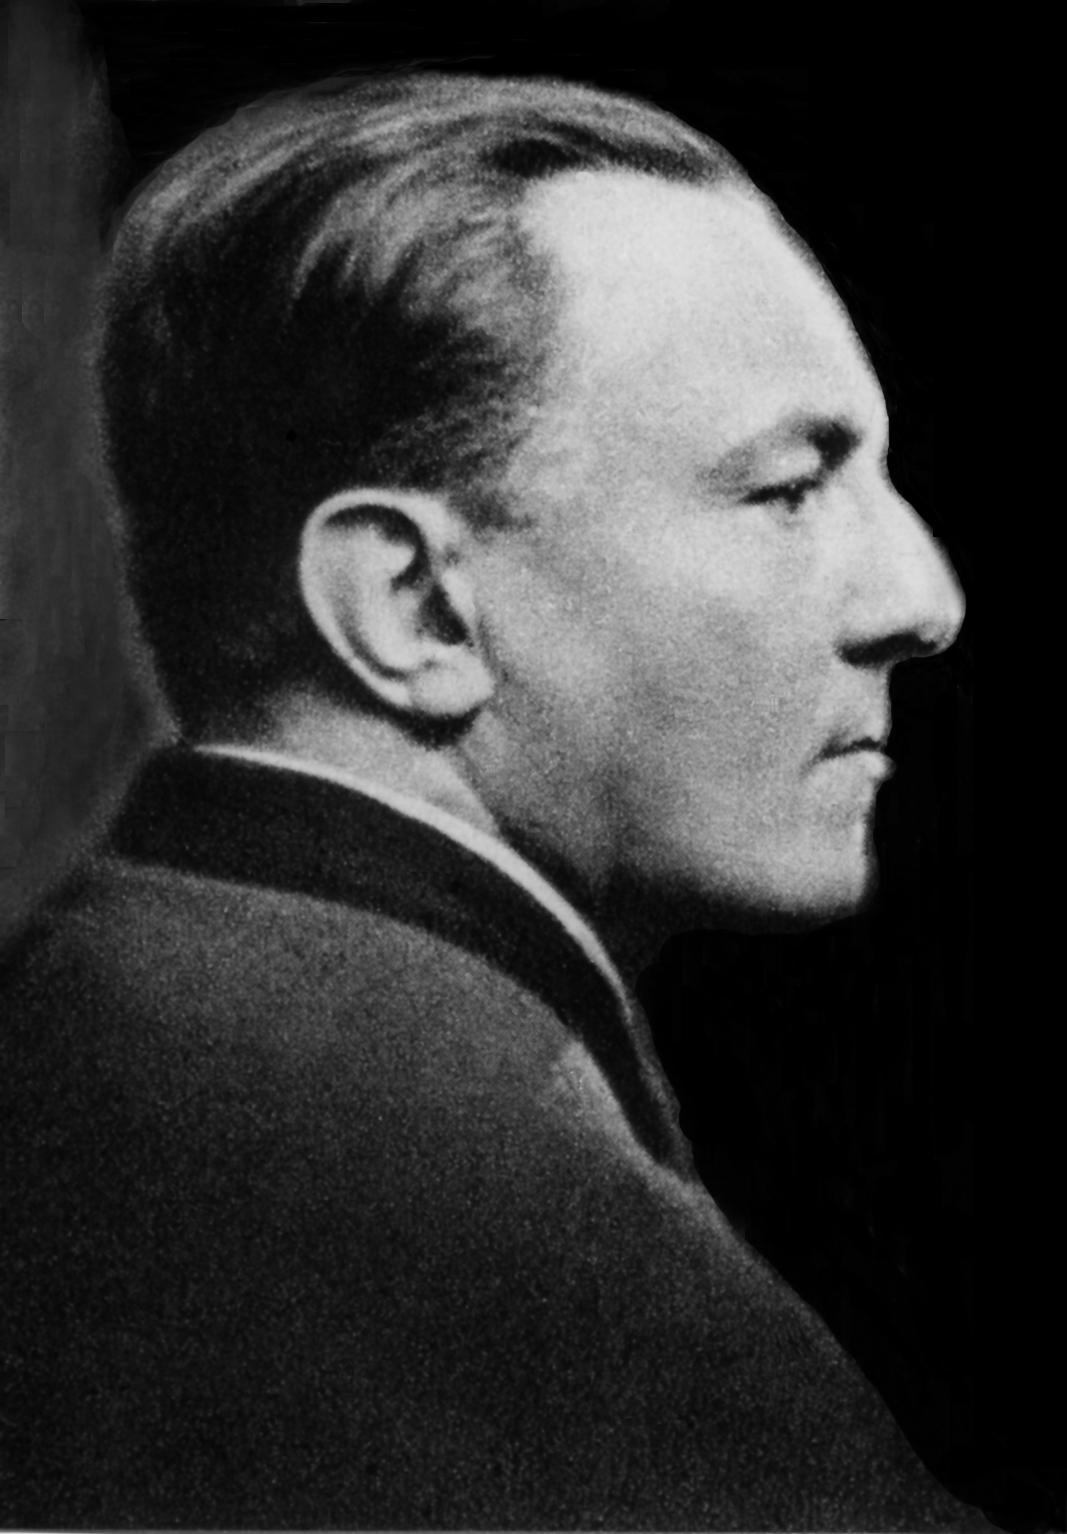 Joseph Matthias Hauer